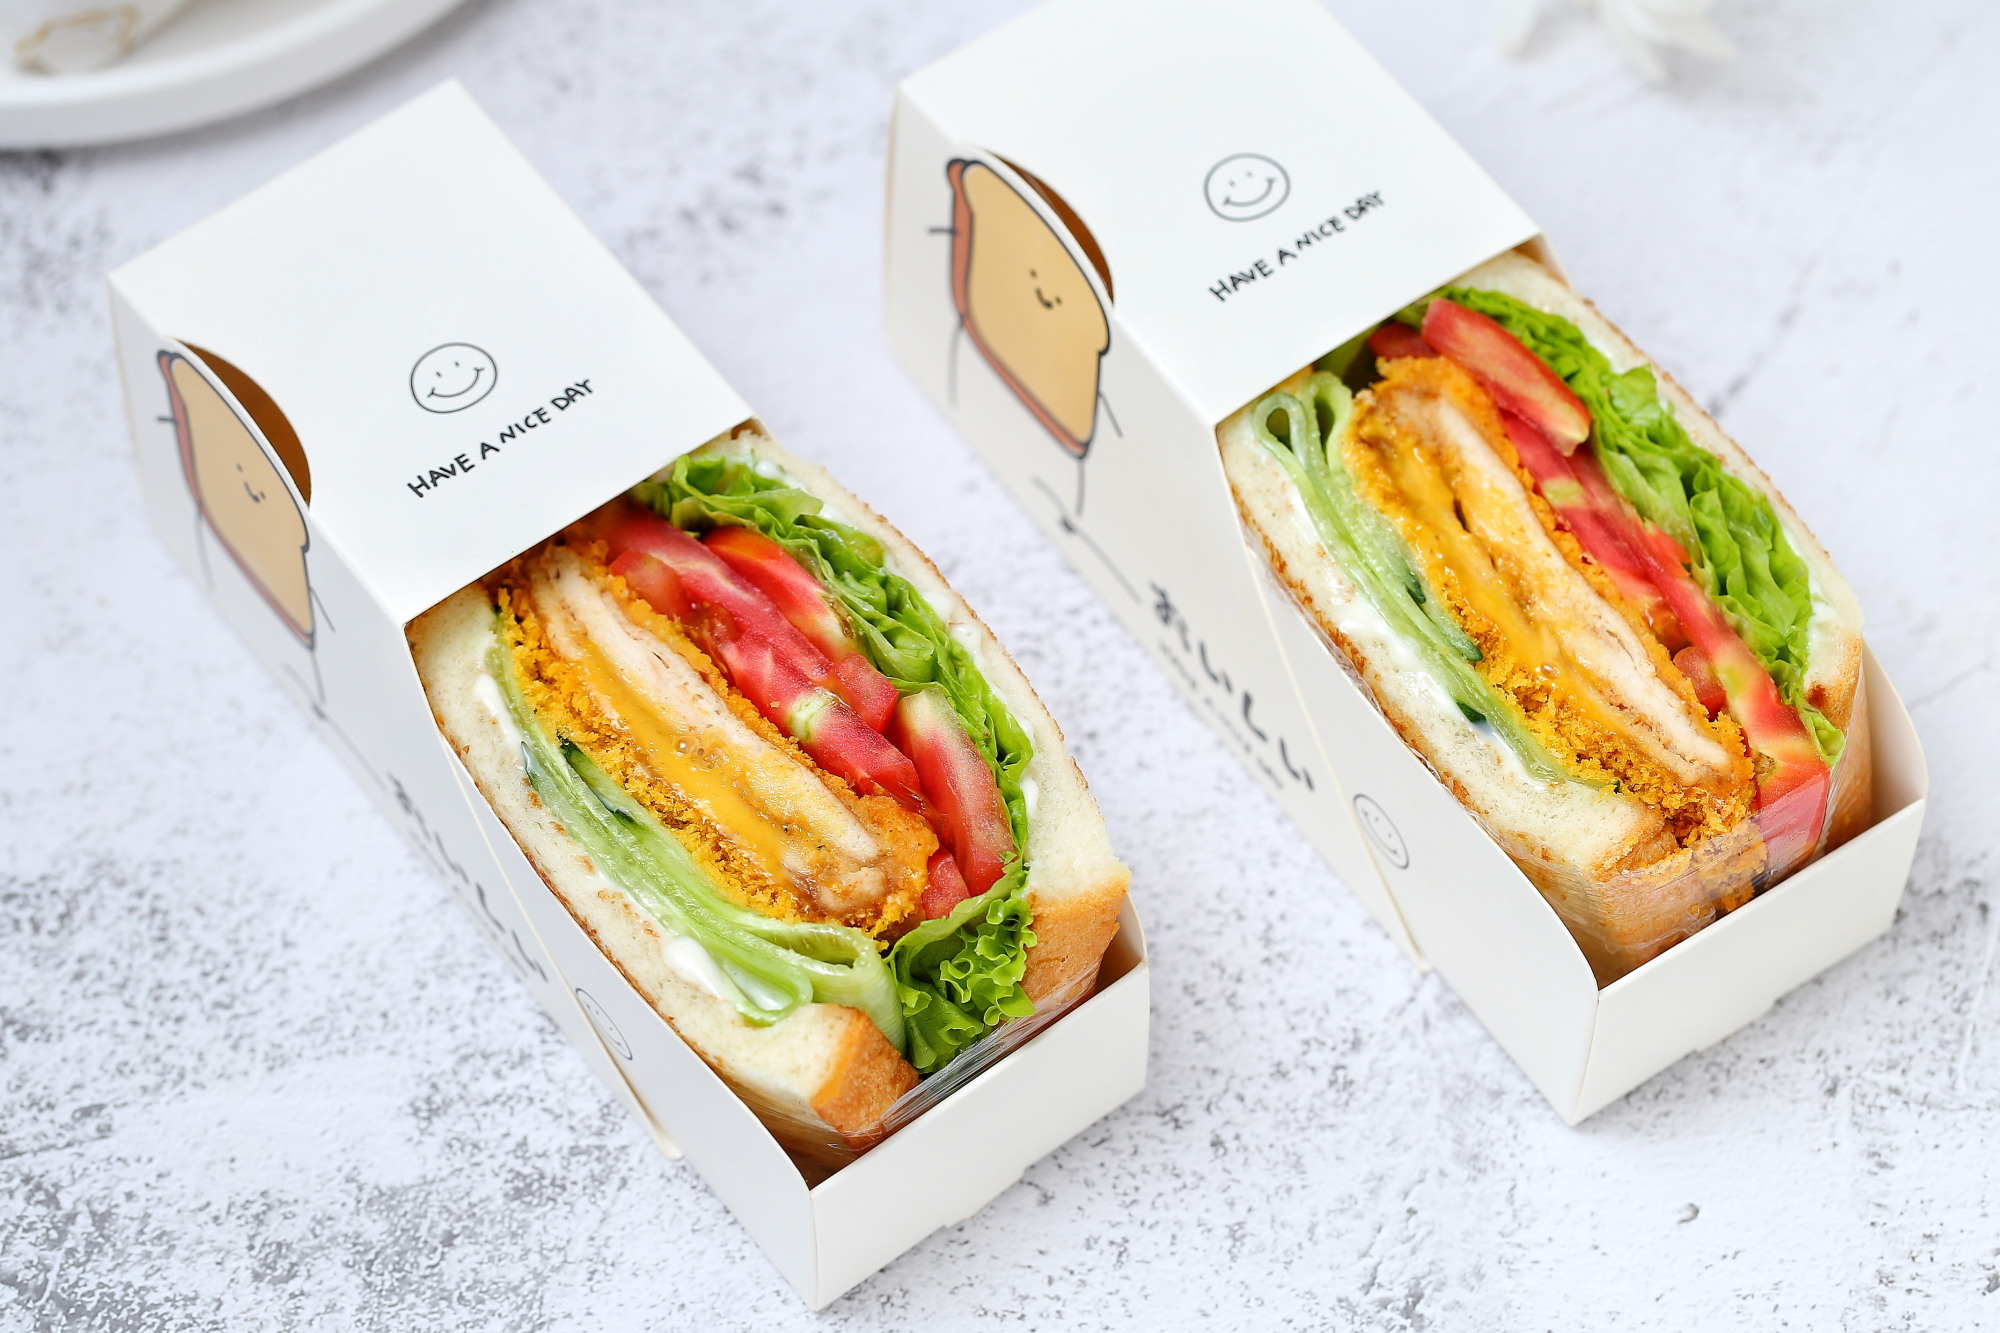 自制无油爆浆鸡排三明治,干净卫生比外卖健康,少花钱吃得还过瘾 美食做法 第3张